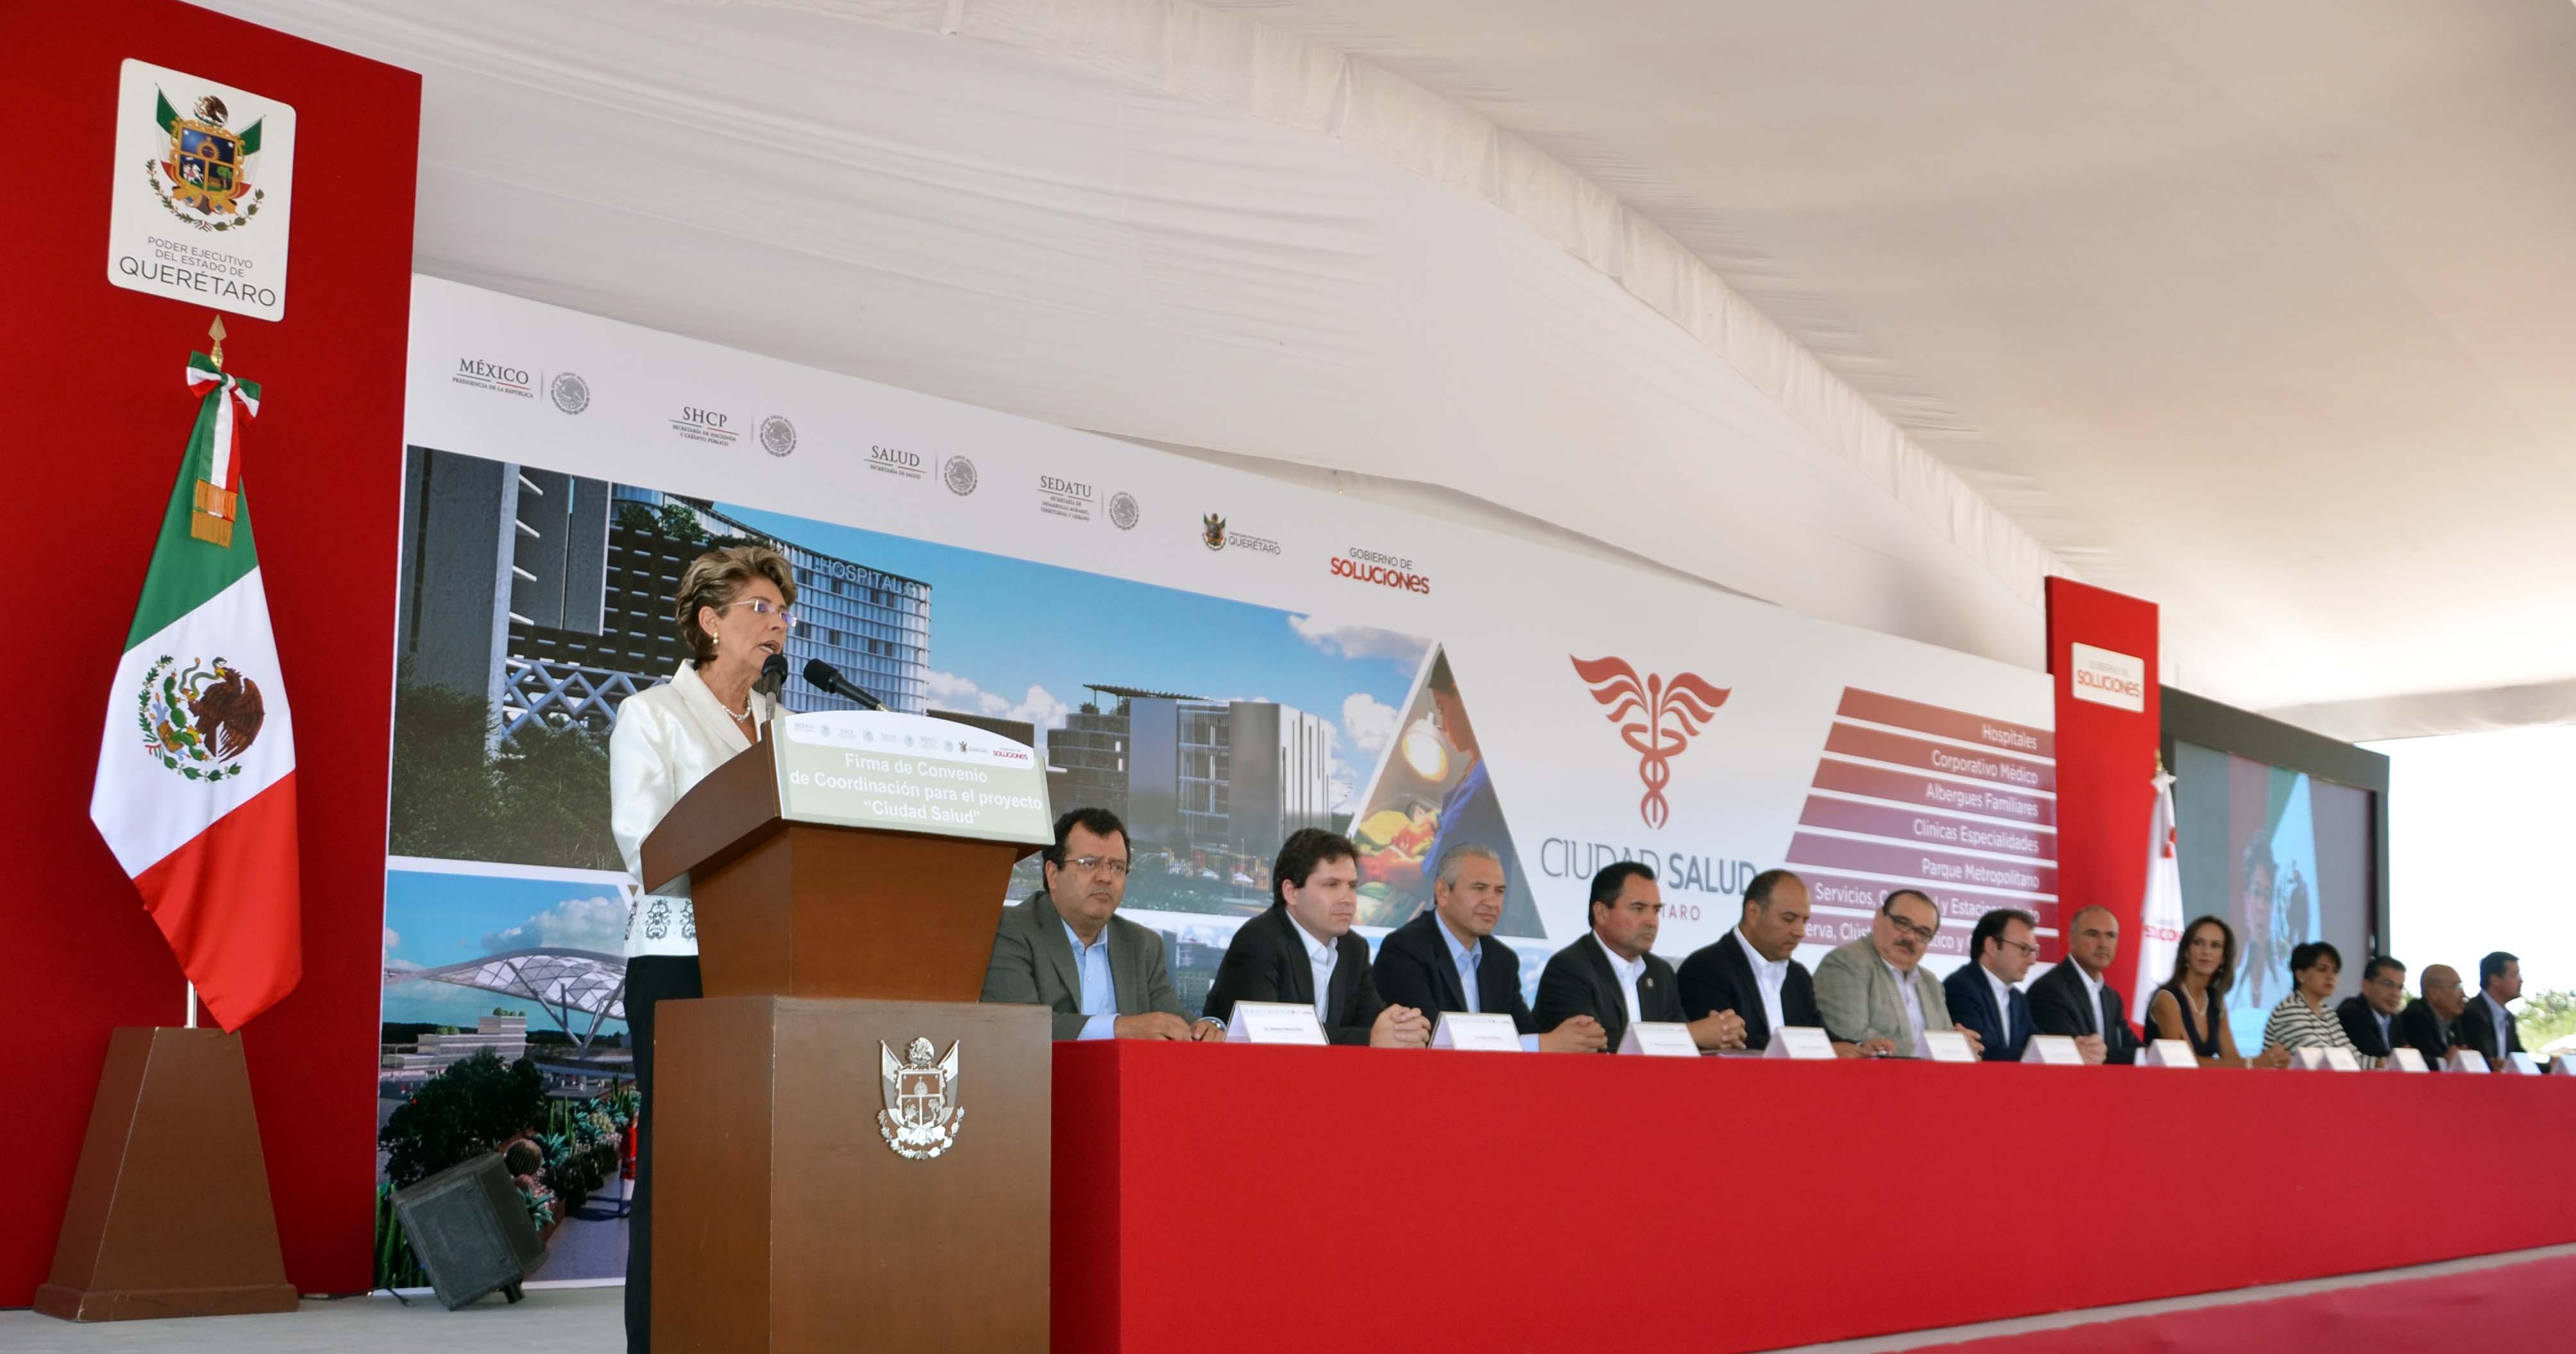 """Inicia proyecto de """"Ciudad Salud"""" en Querétaro"""